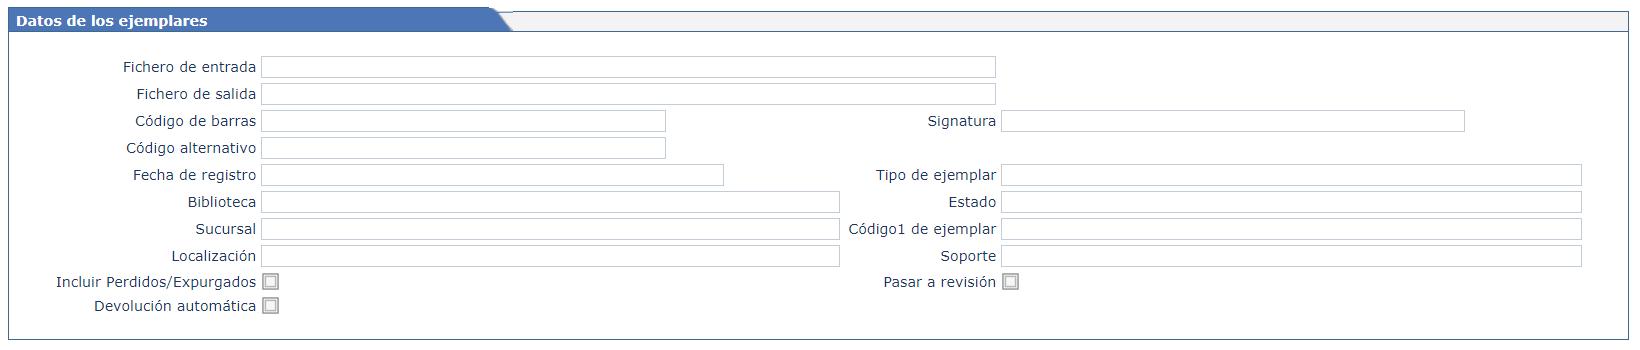 Campos que aparecen en la pantalla del inventario de AbsysNet